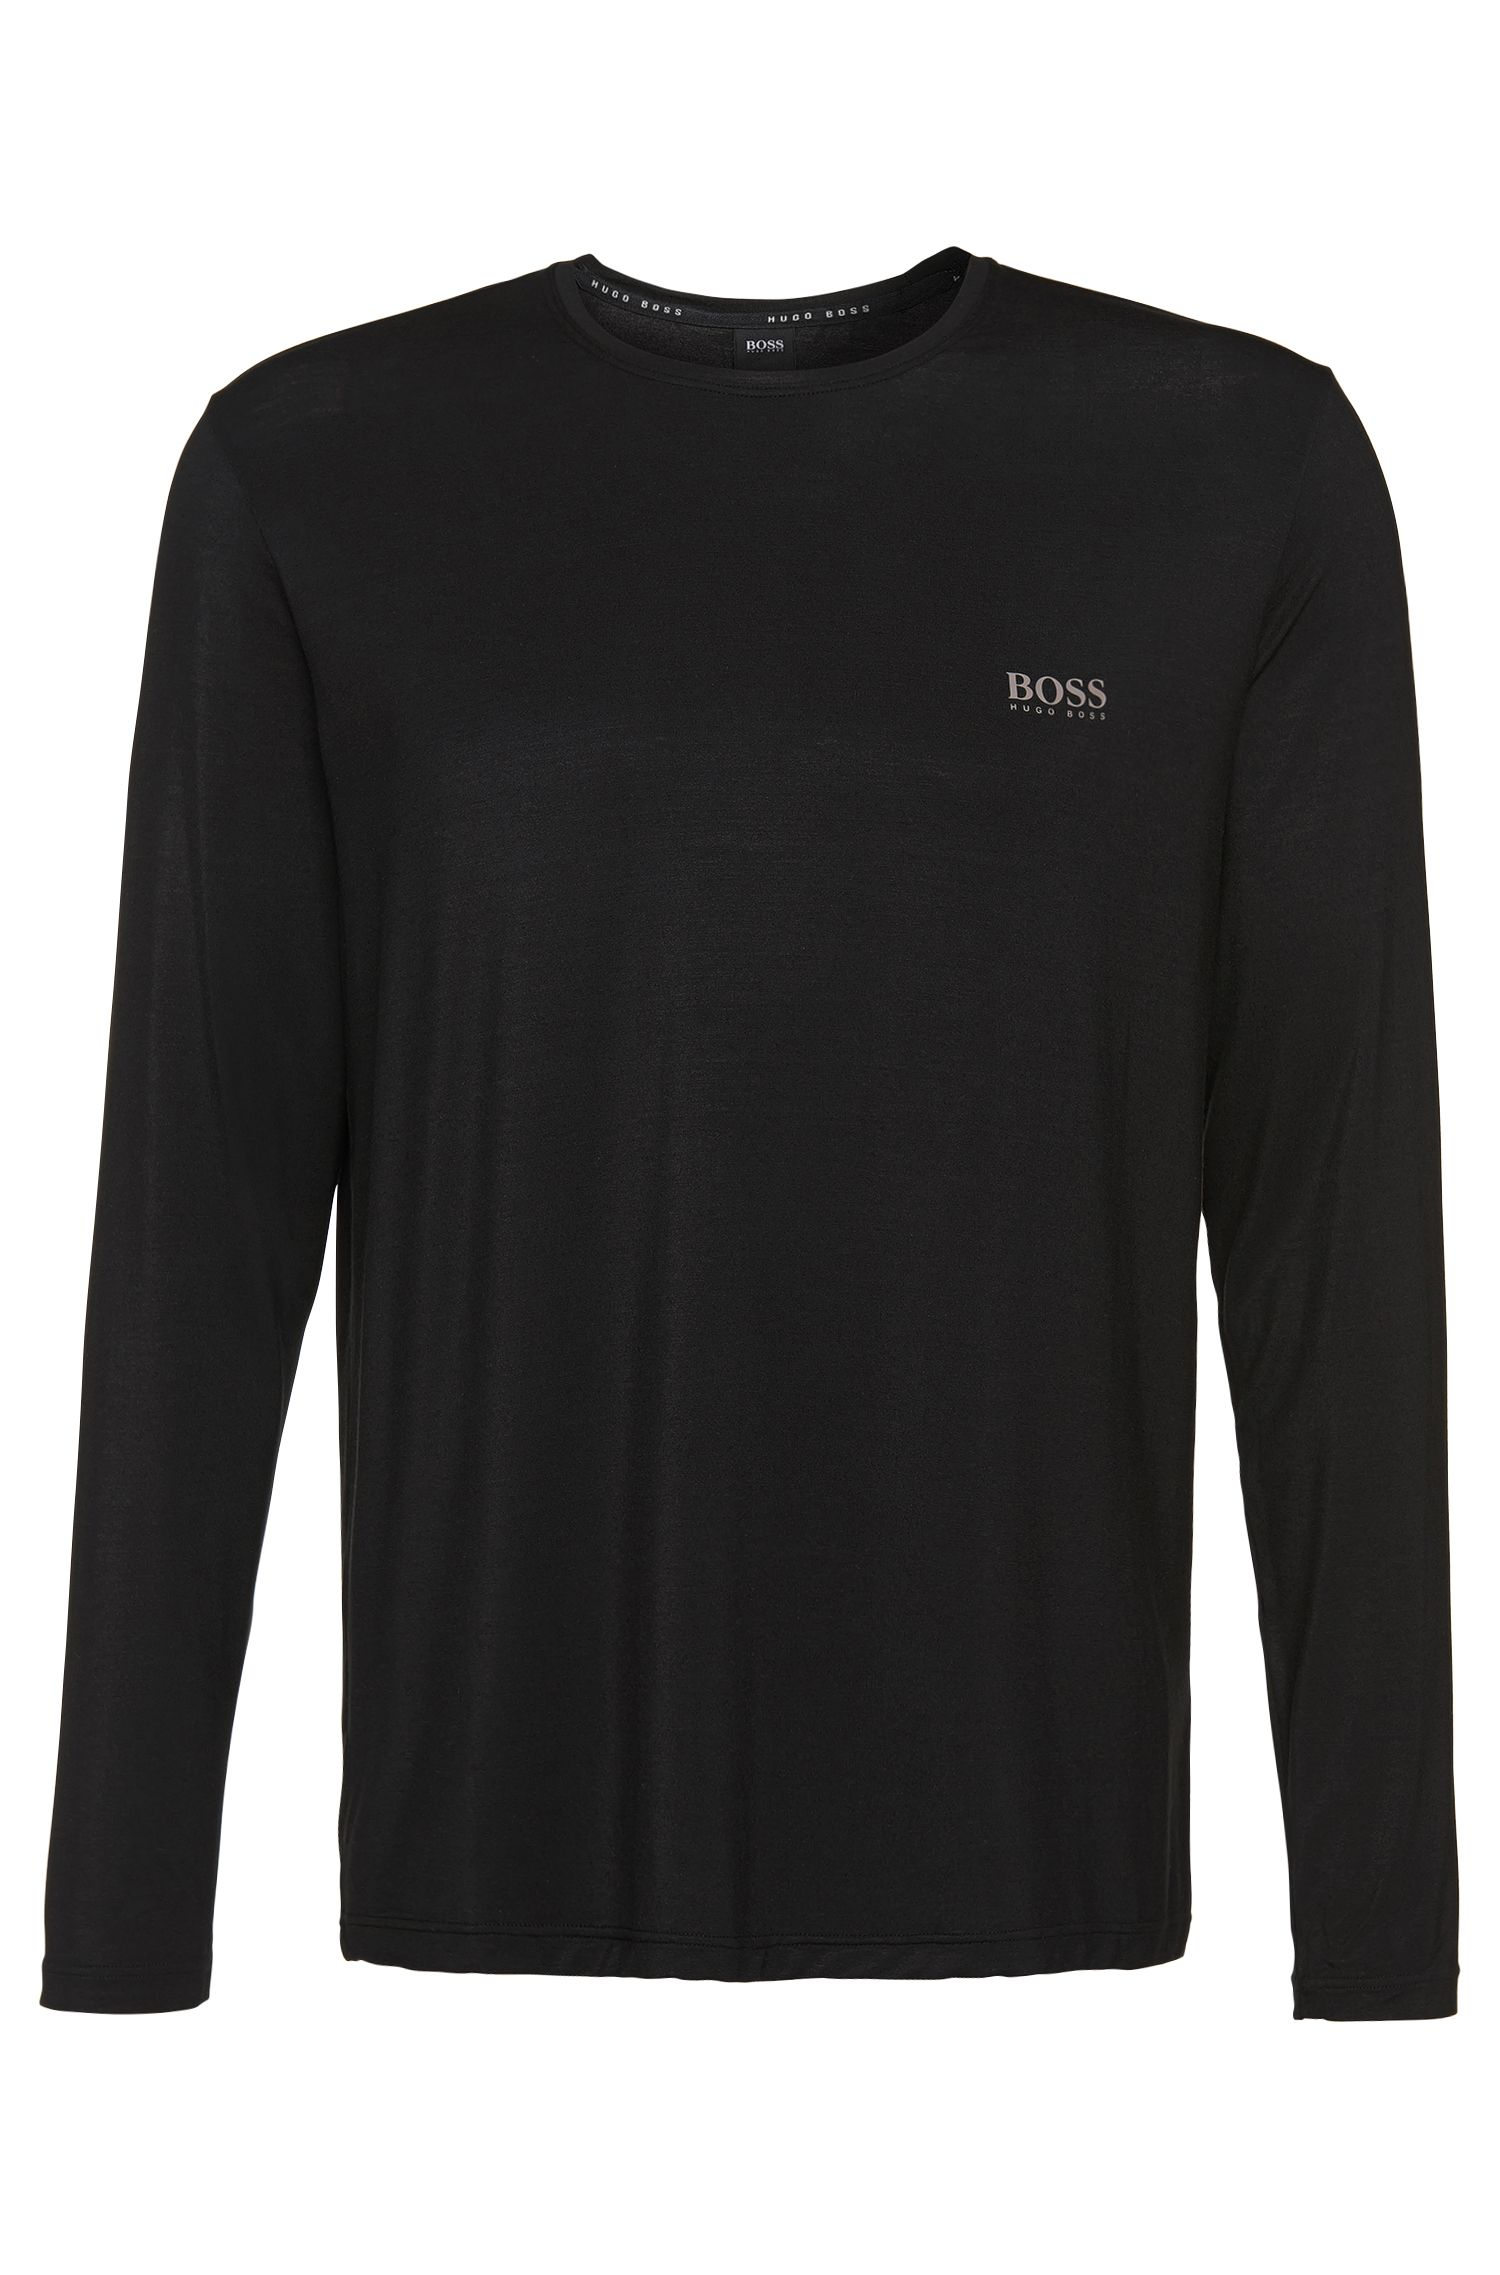 'Shirt RN LS' | Stretch Modal Long Sleeve T-Shirt